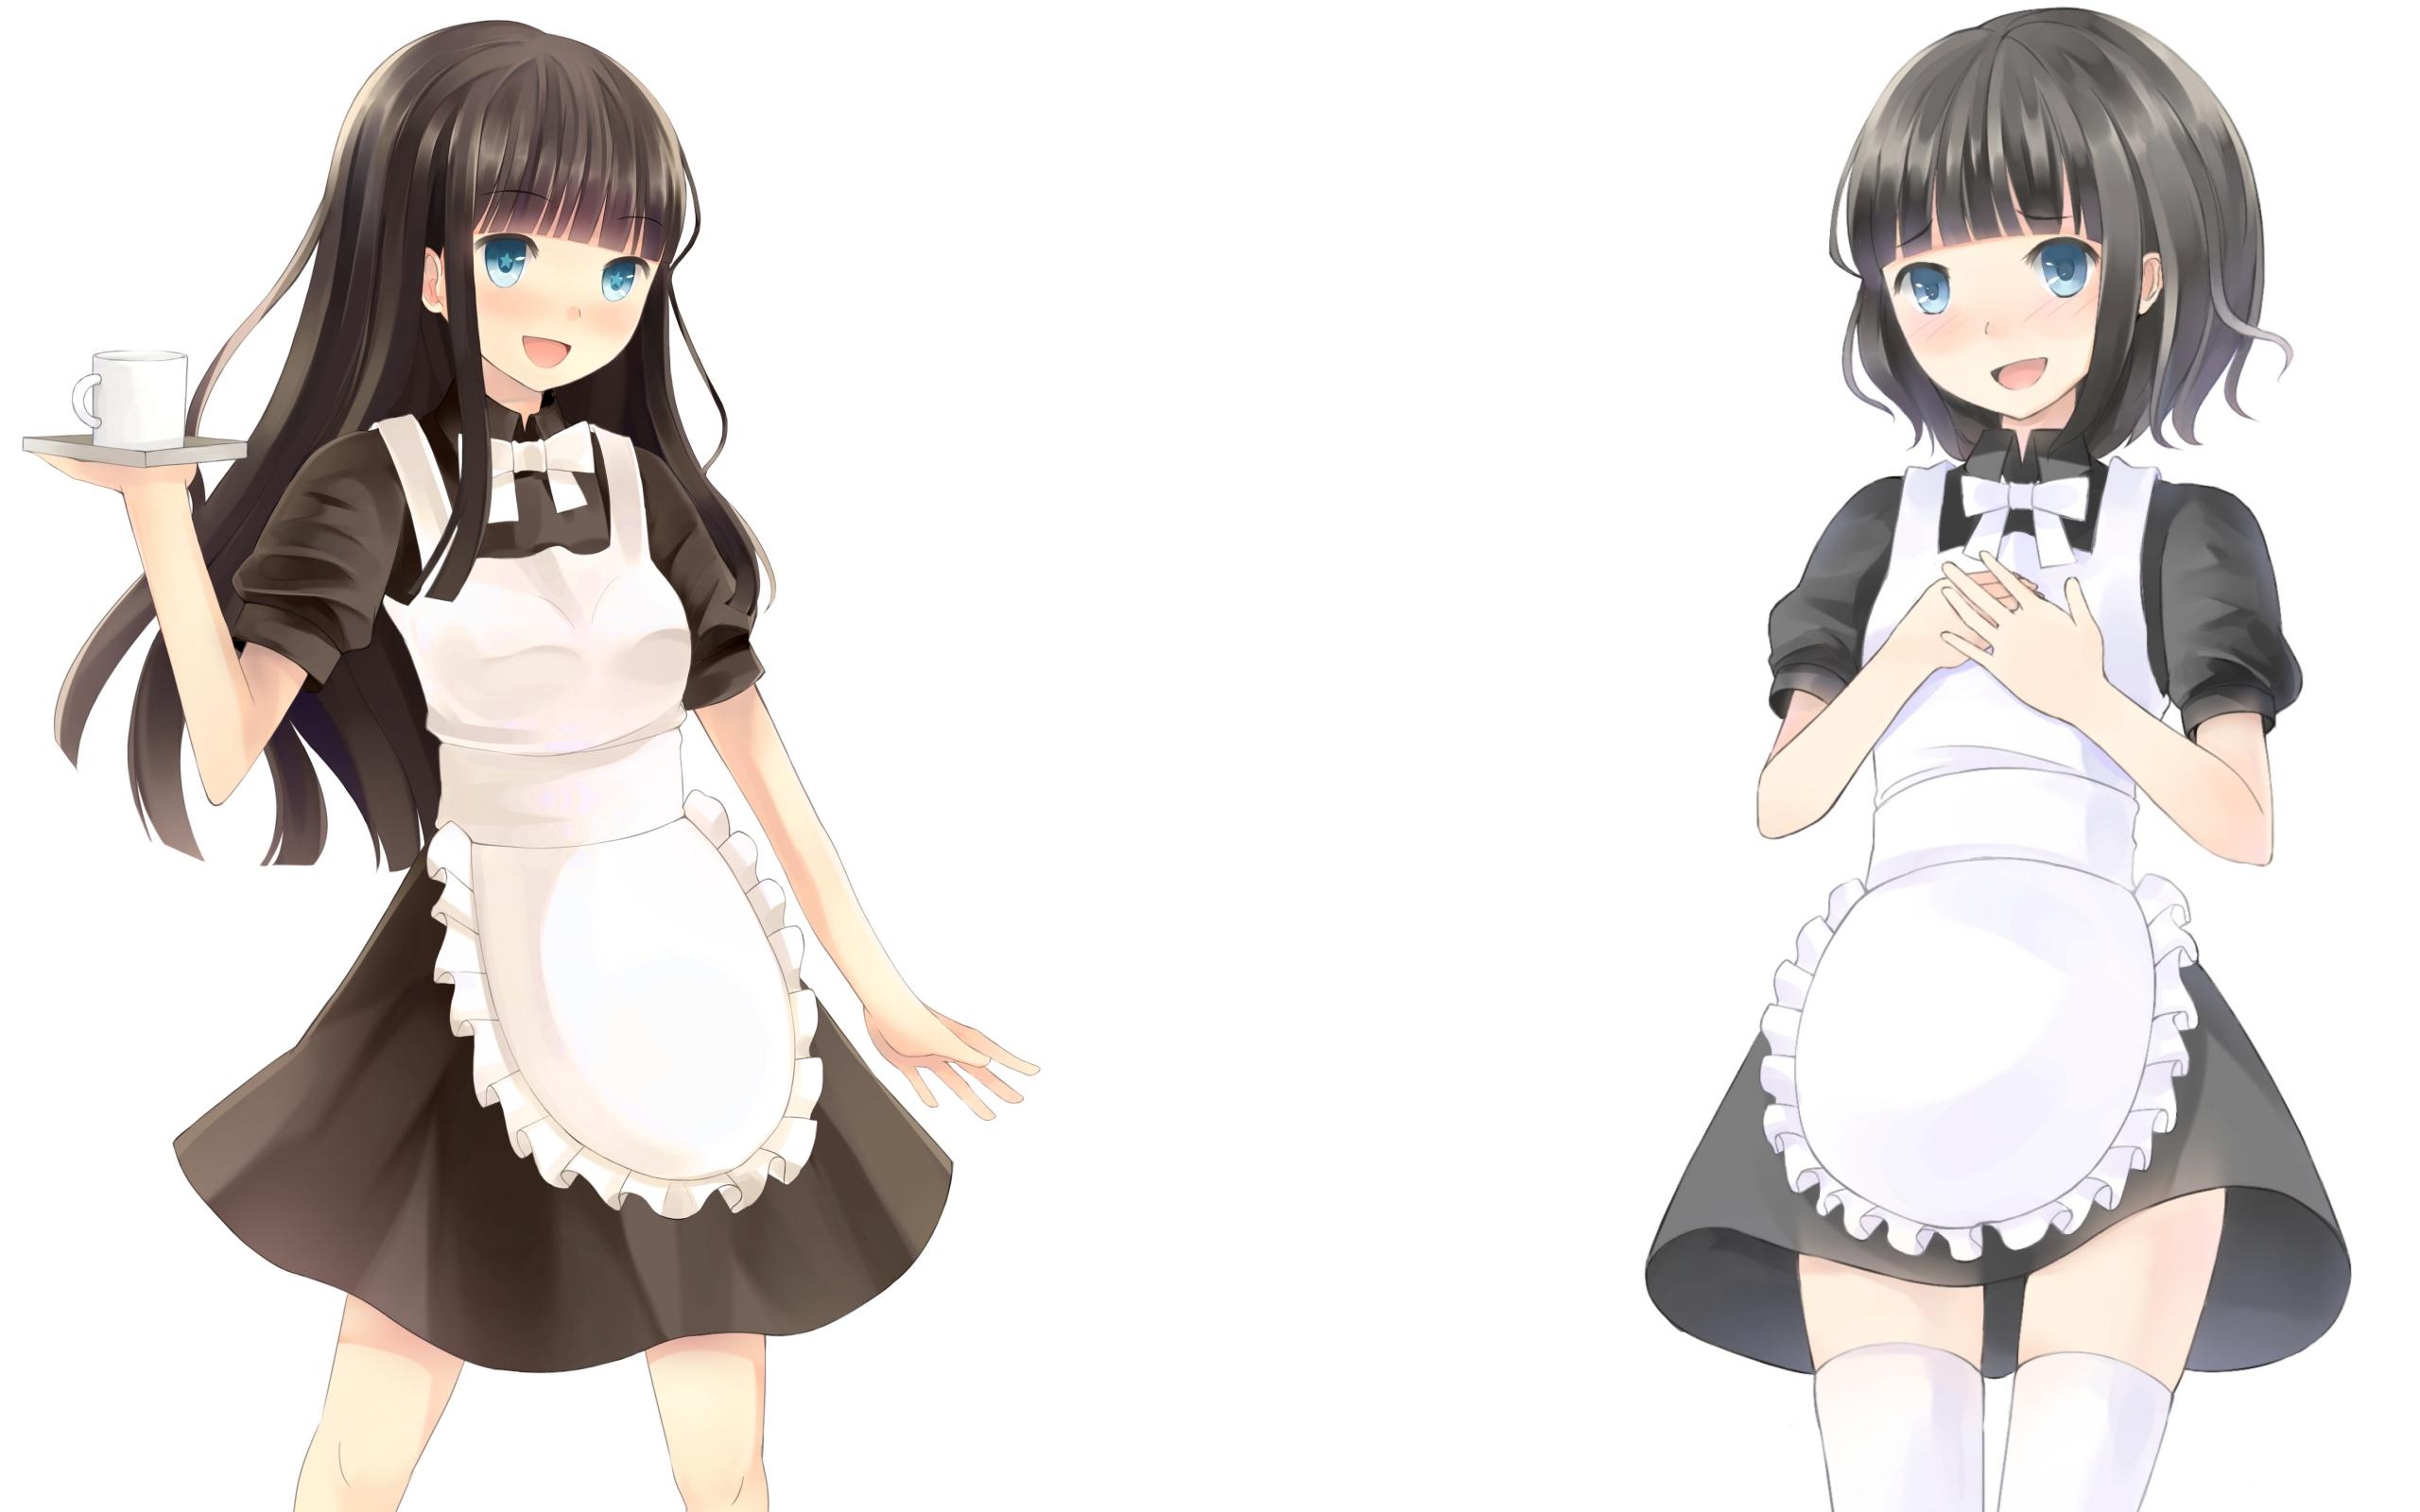 Papel De Parede Ilustracao Anime Desenho Animado Uniforme